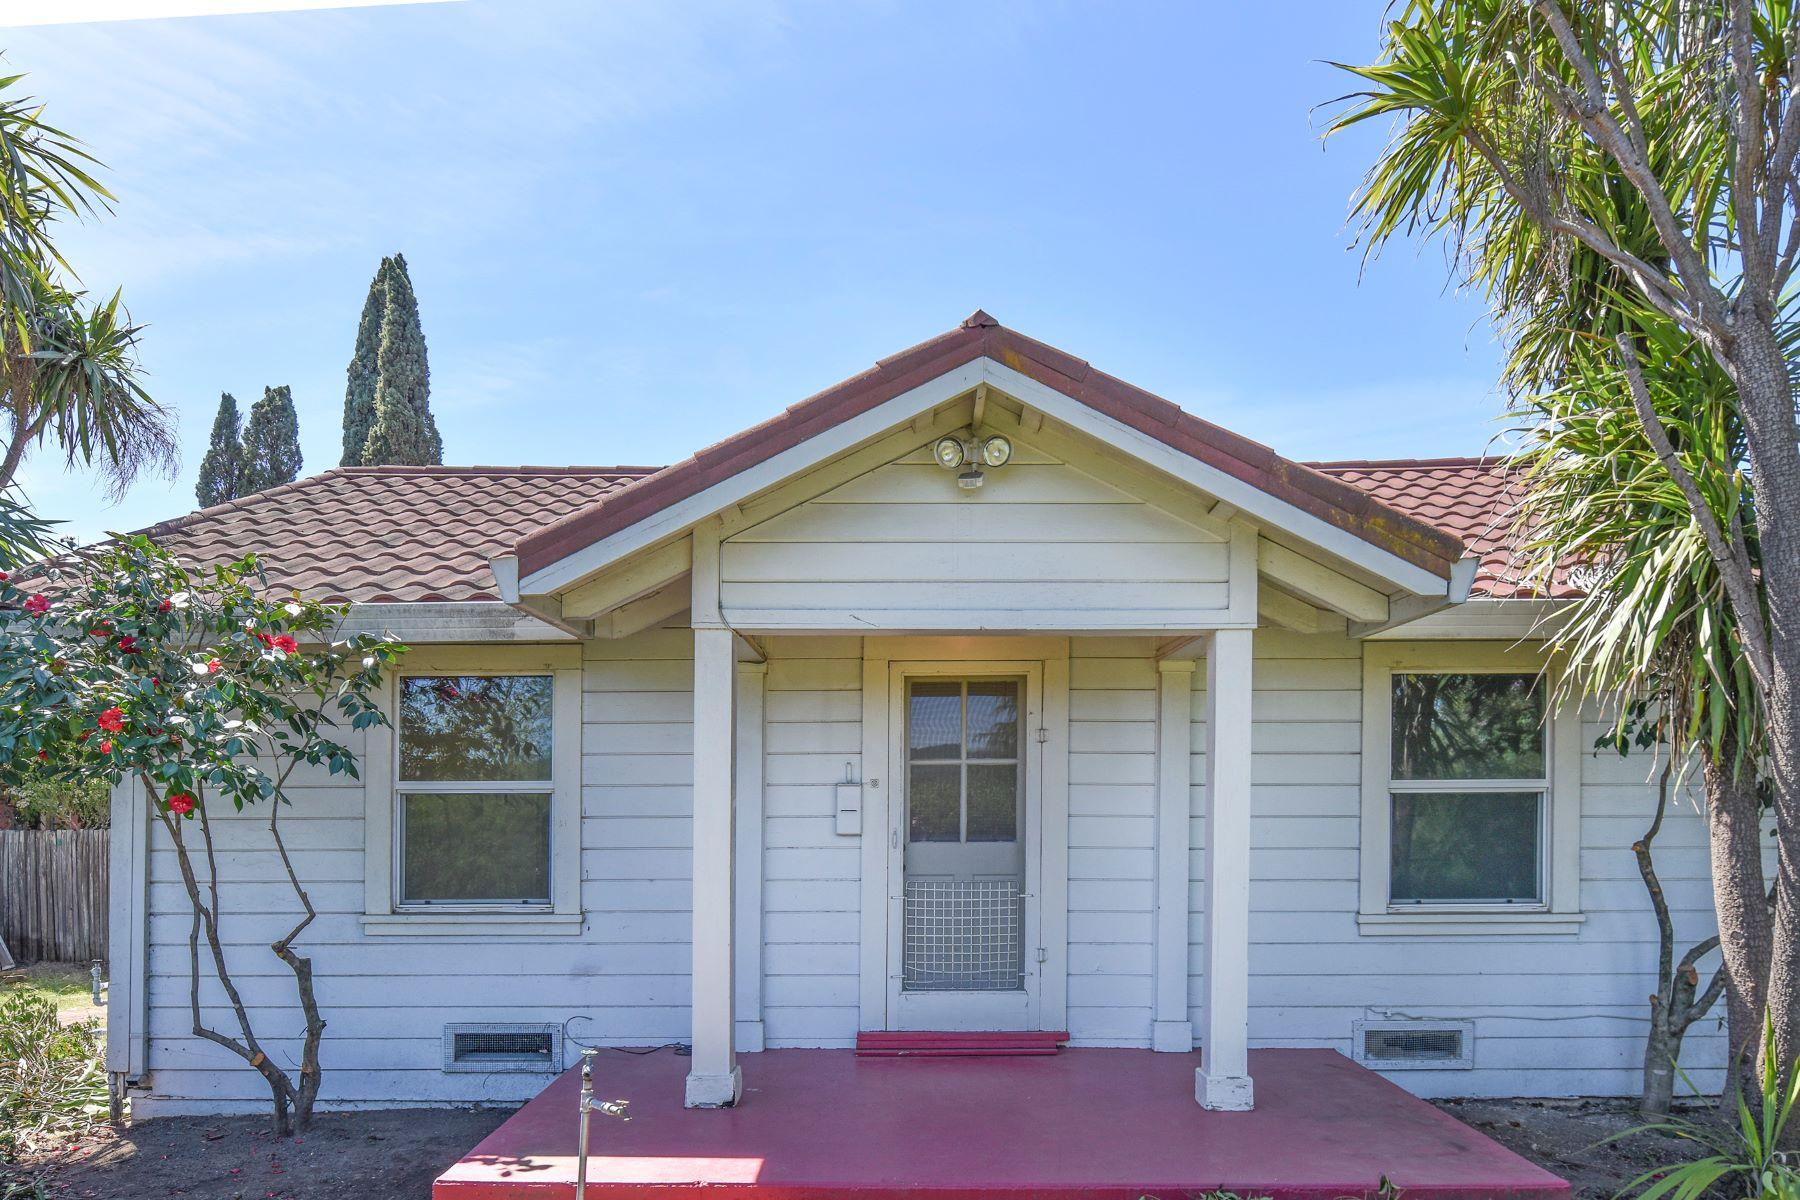 Частный односемейный дом для того Продажа на A Cottage with Inspiring Possibilities on an Exceptional Parcel 1231 Mountain View Avenue St. Helena, Калифорния 94574 Соединенные Штаты